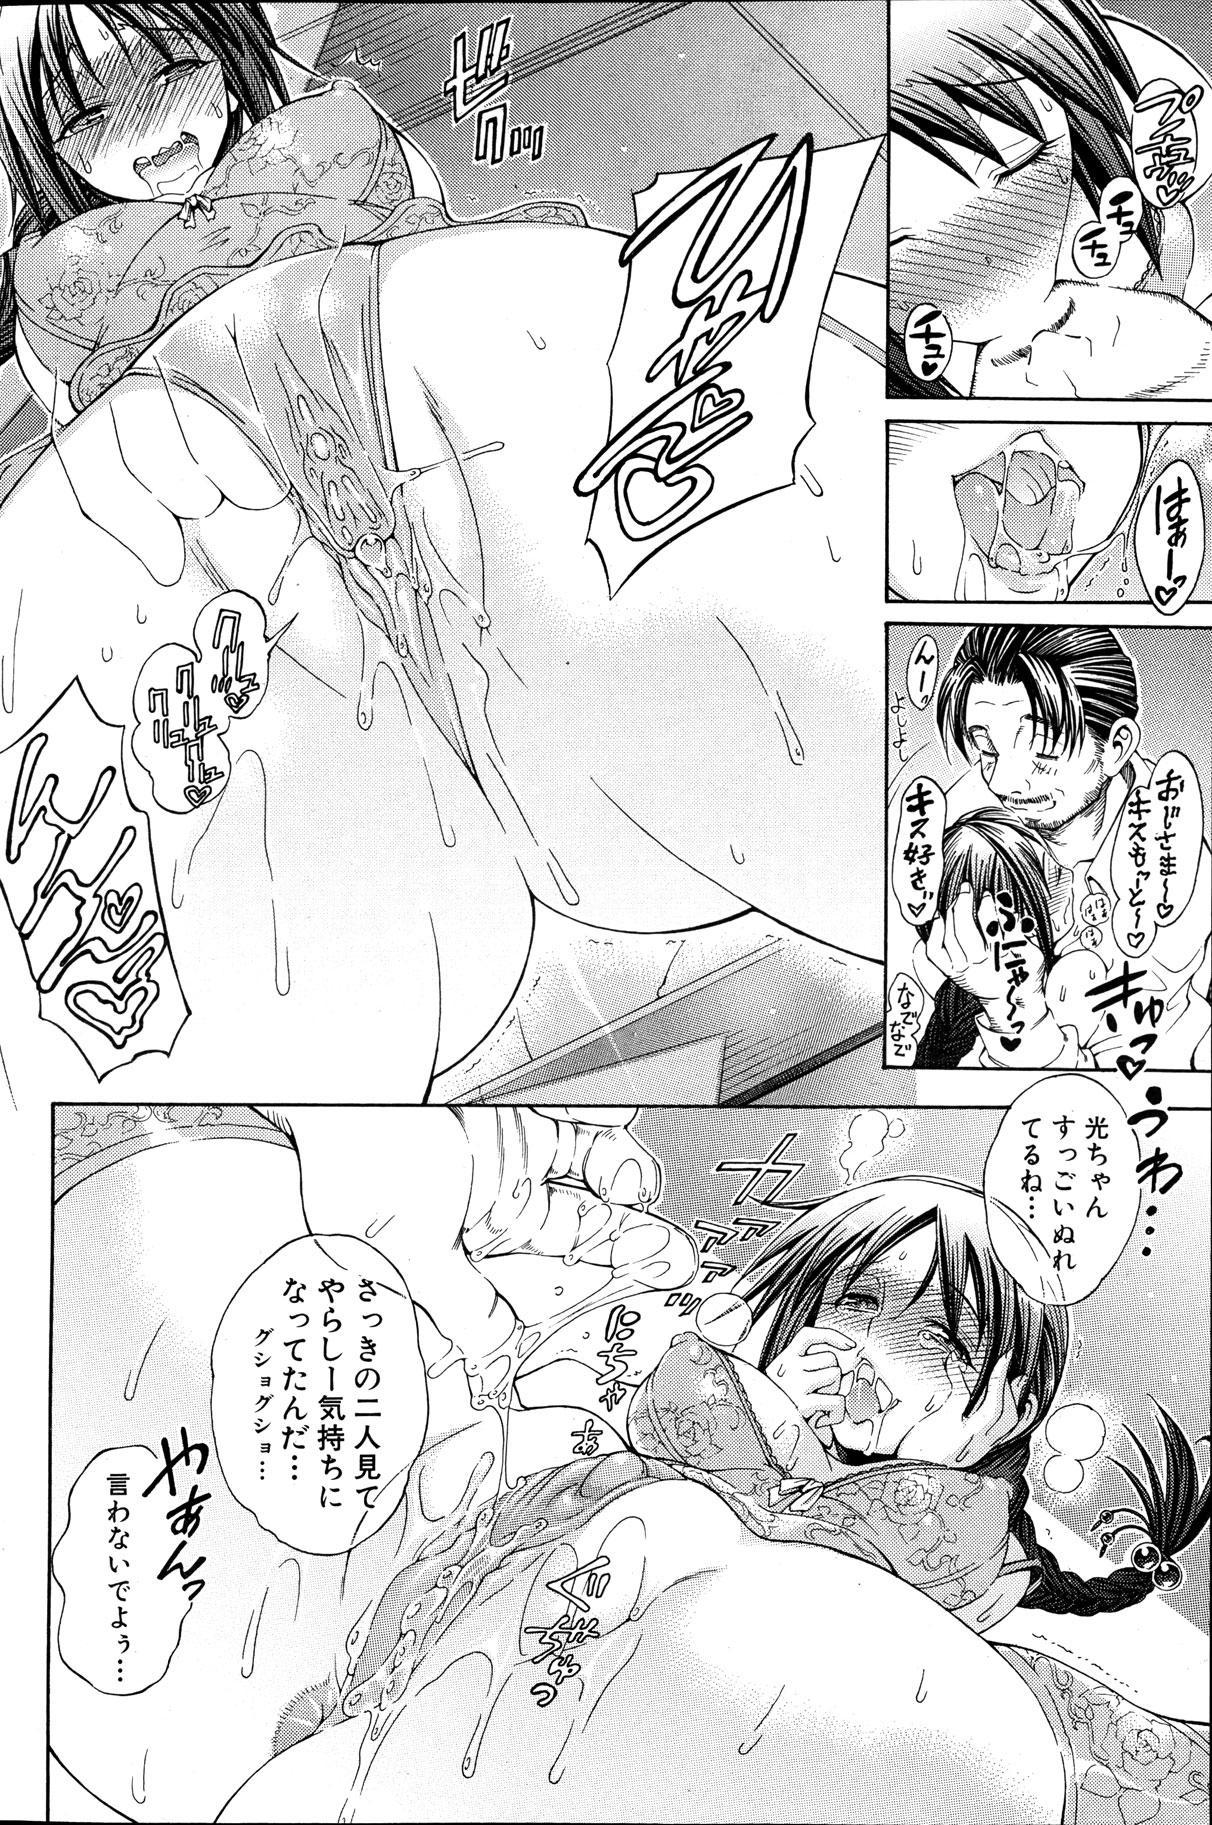 Himitsu no Sign - Secret Signature 122